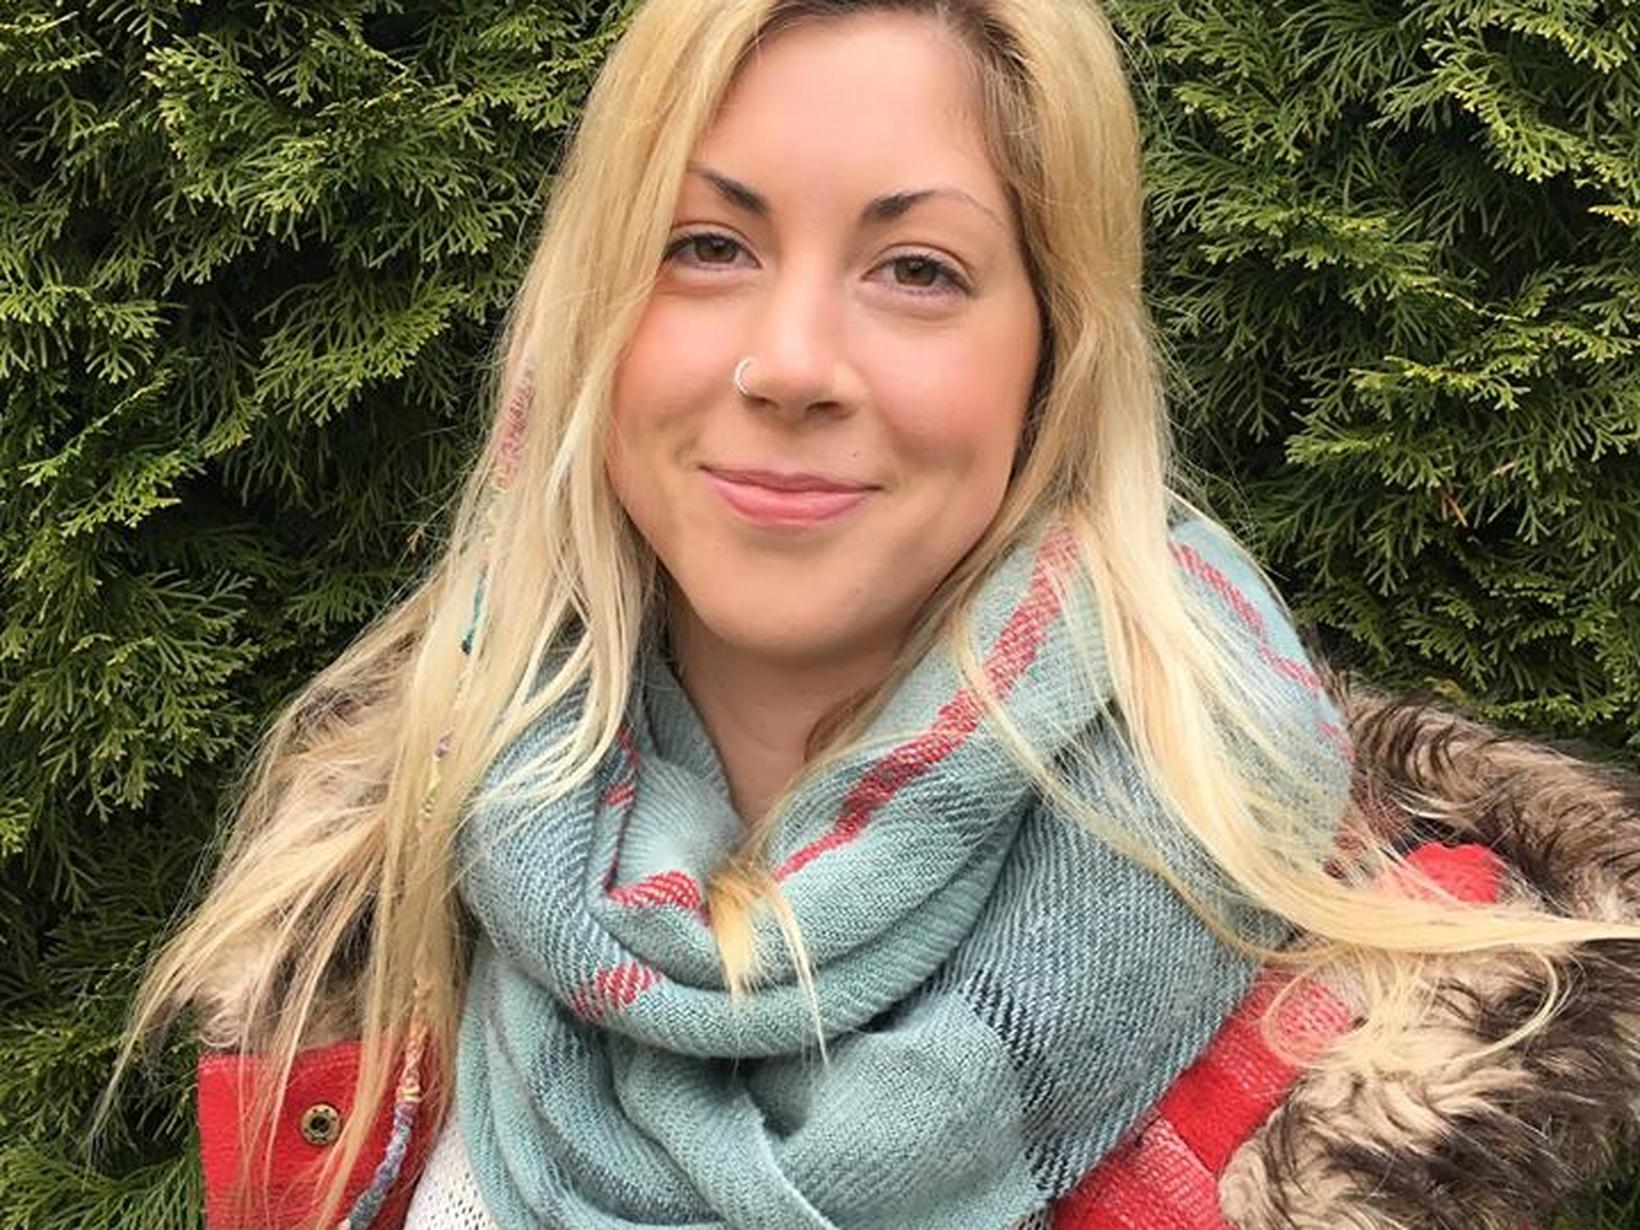 Lisa from Eslöv, Sweden